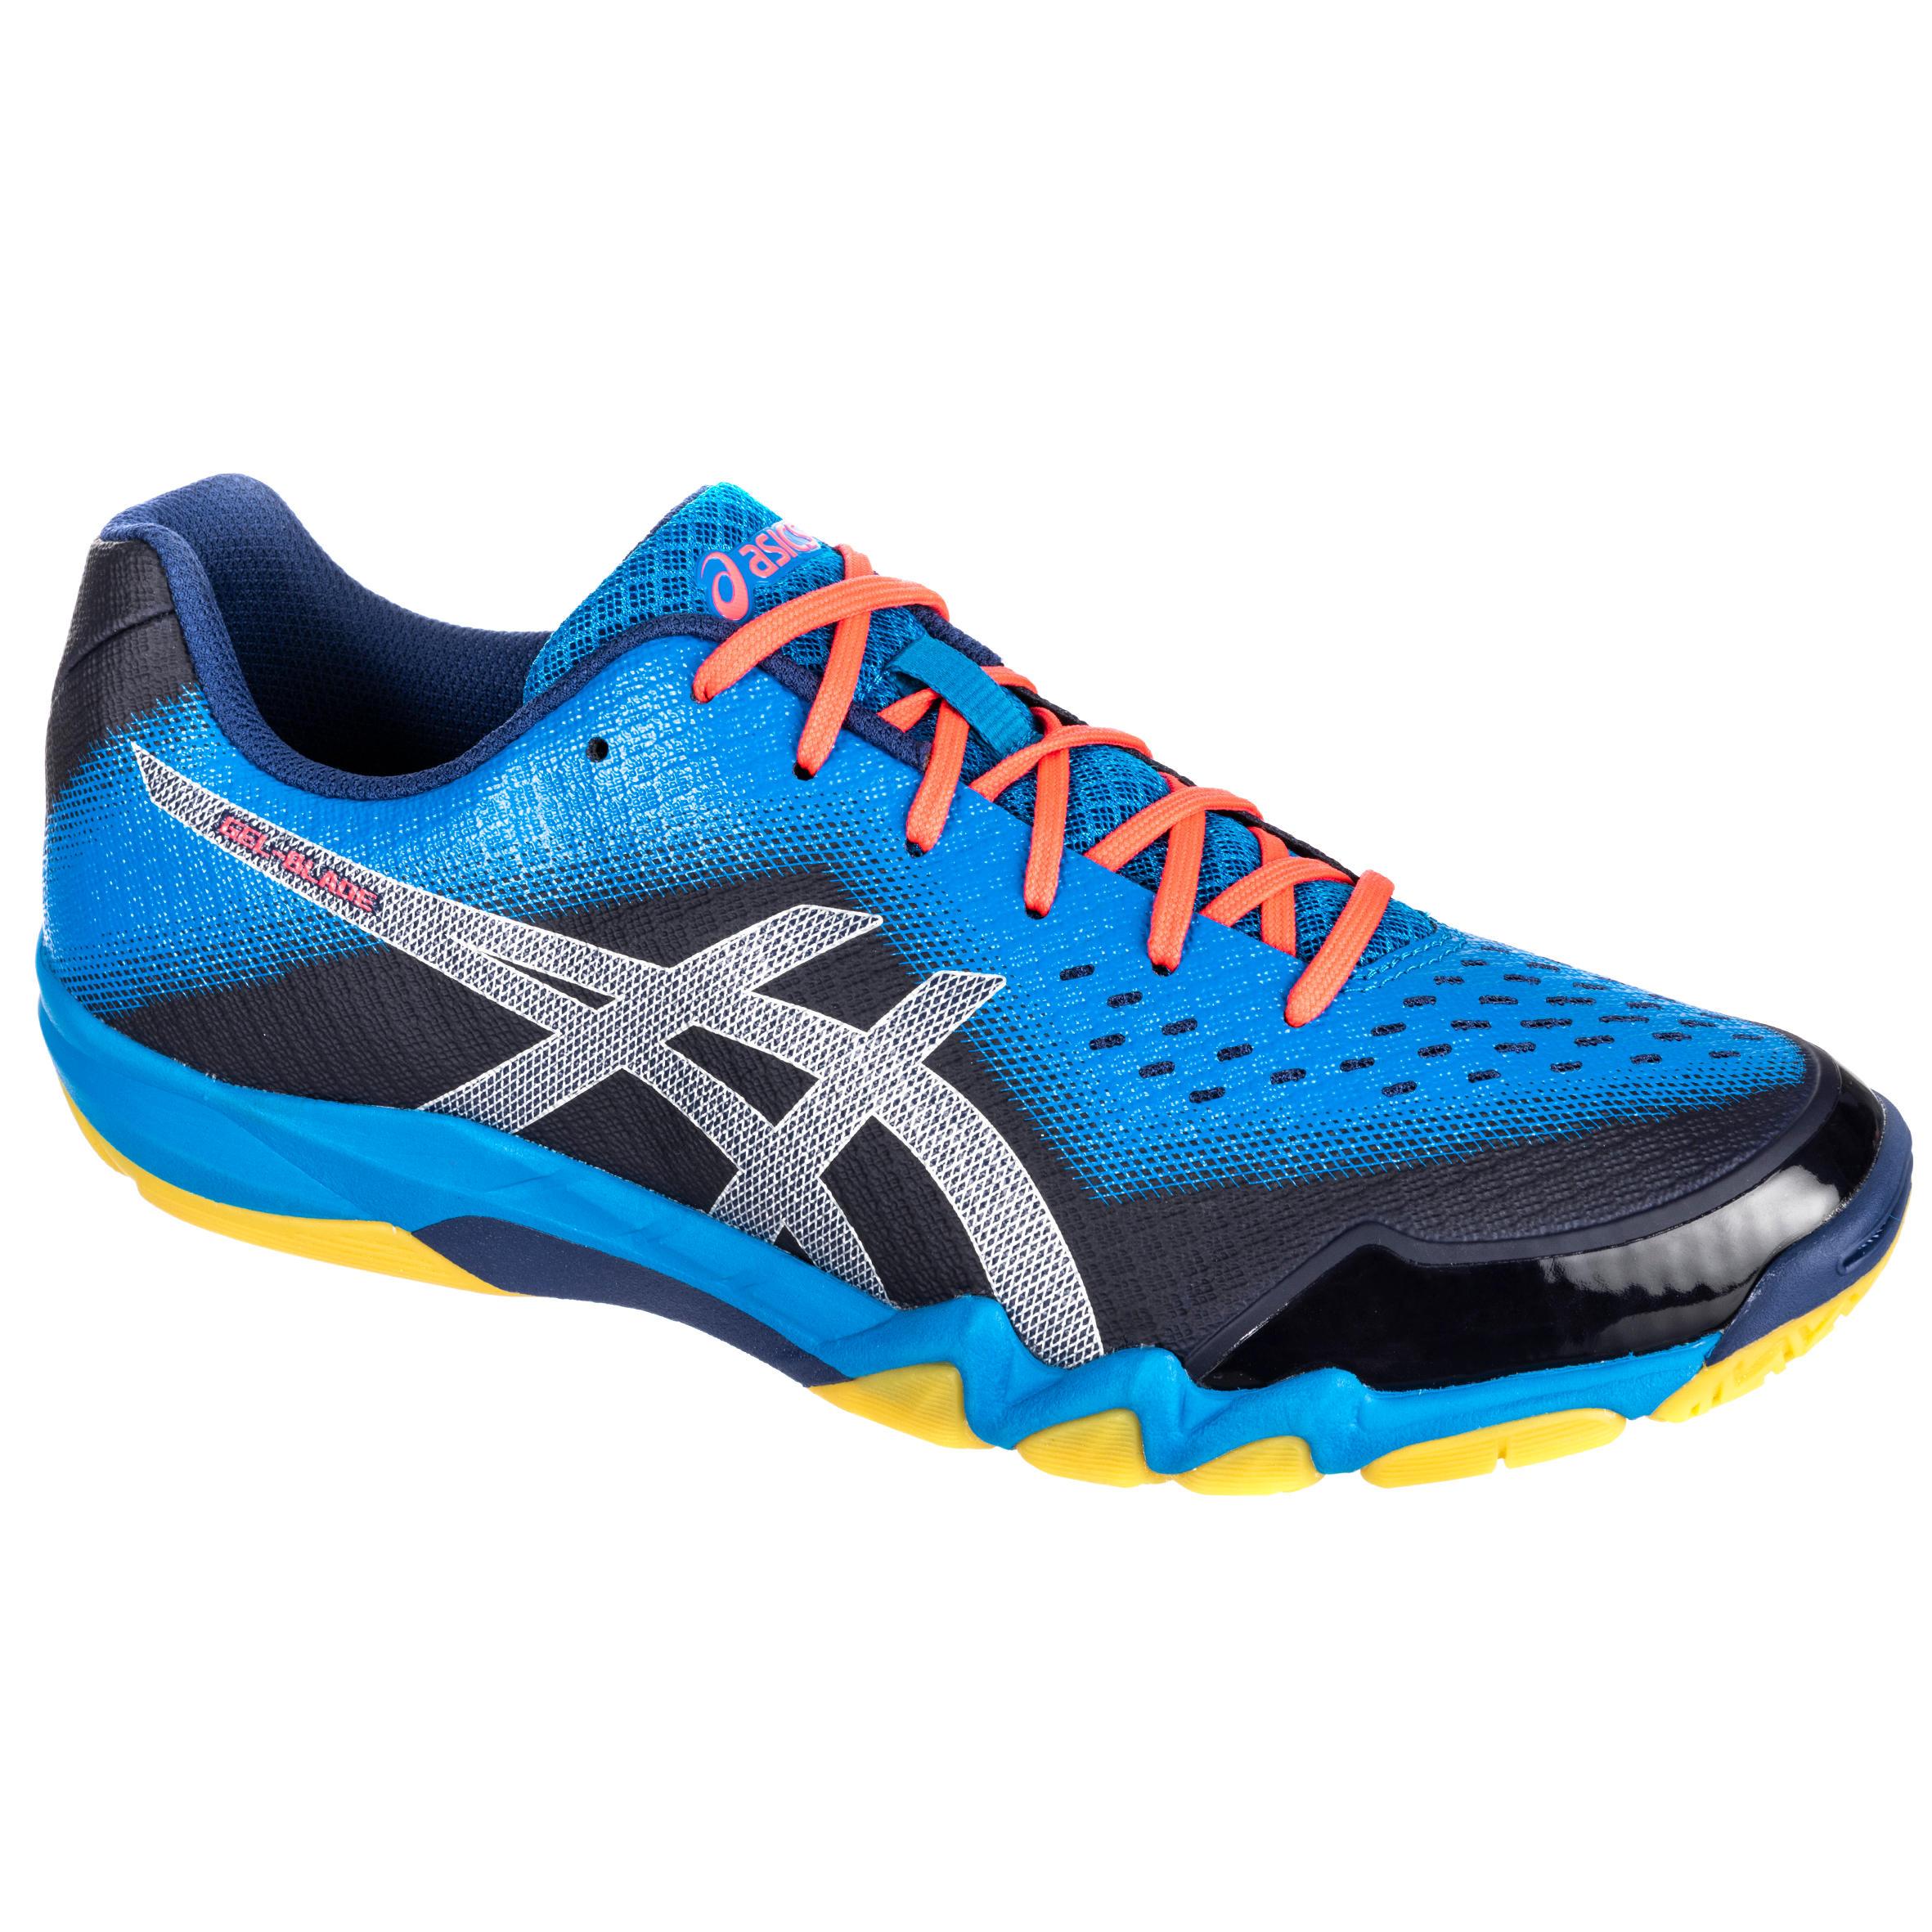 Asics Schoenen voor badminton of squash Asics Gel Blade 6